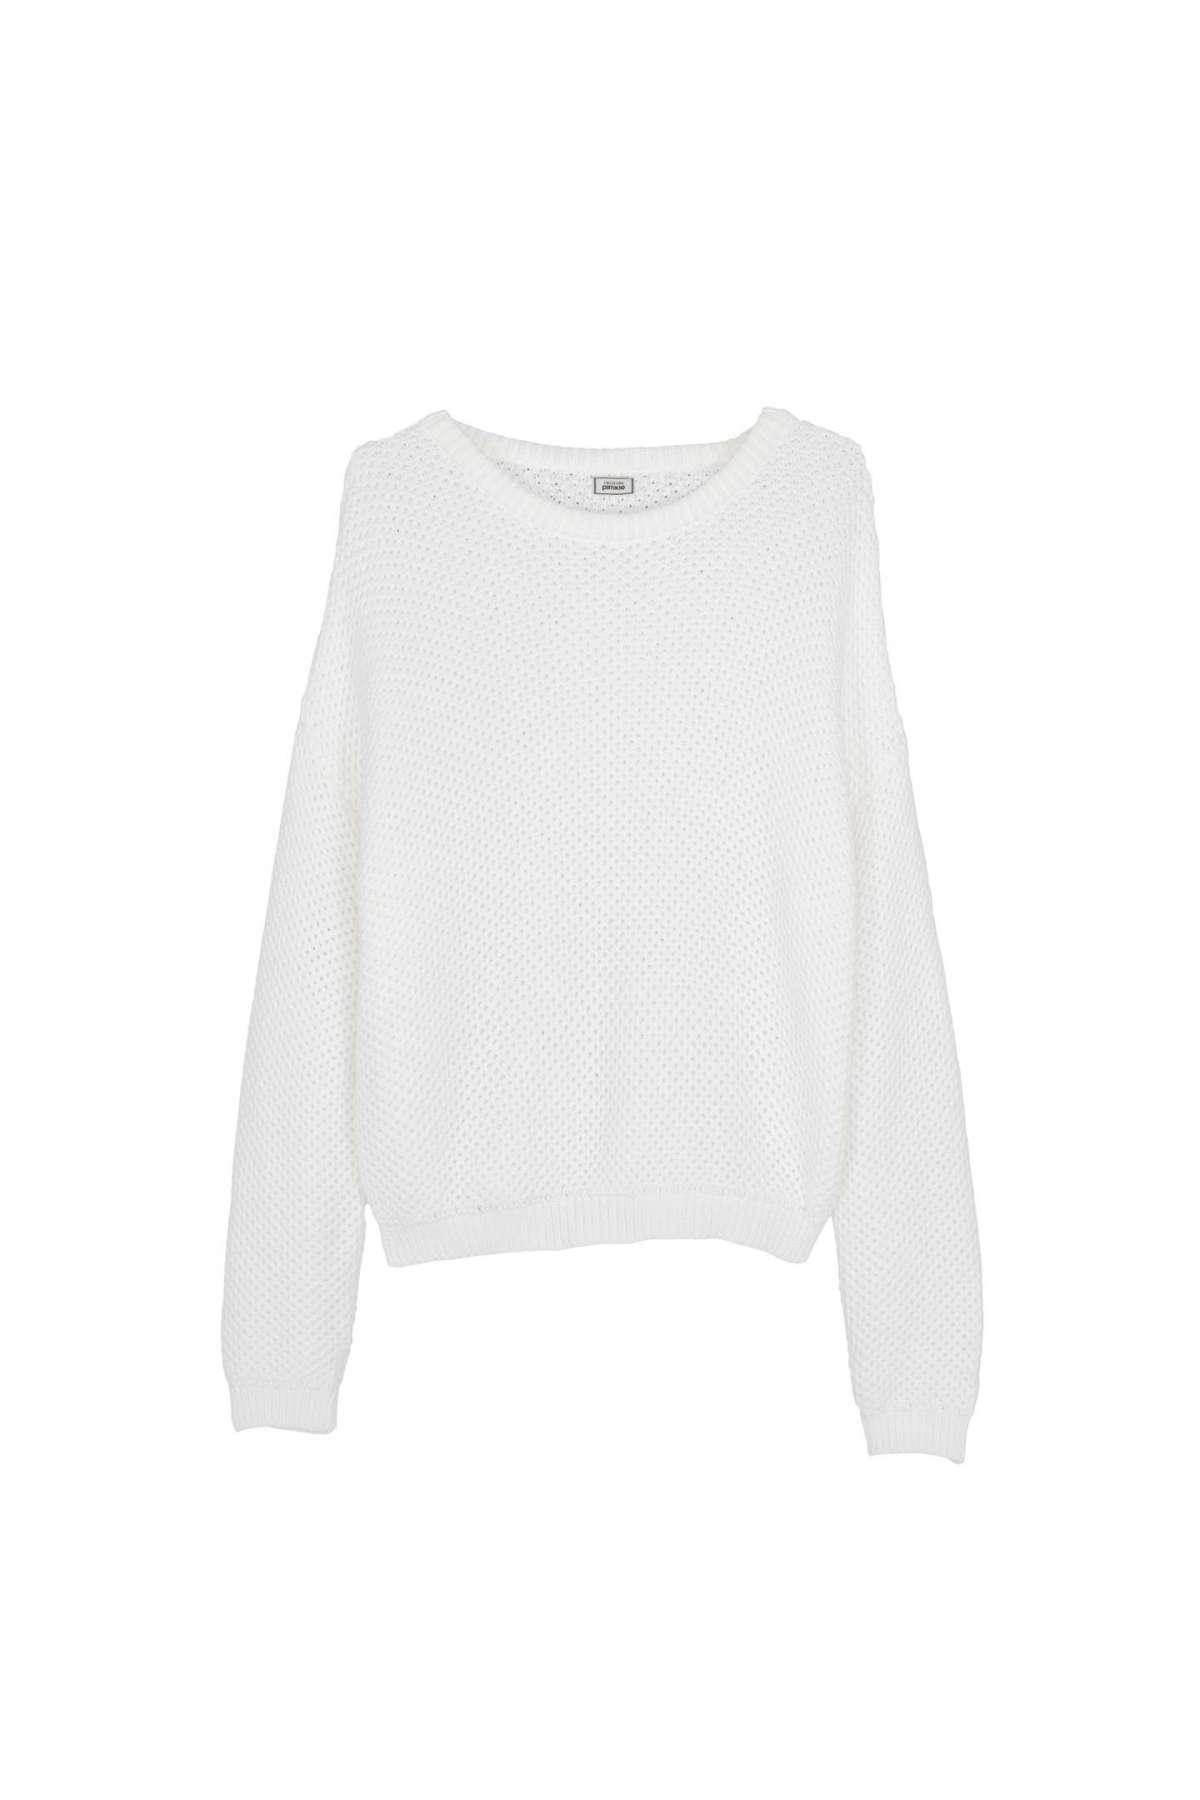 Maglione Bianco Pimkie Autunno Inverno 2017